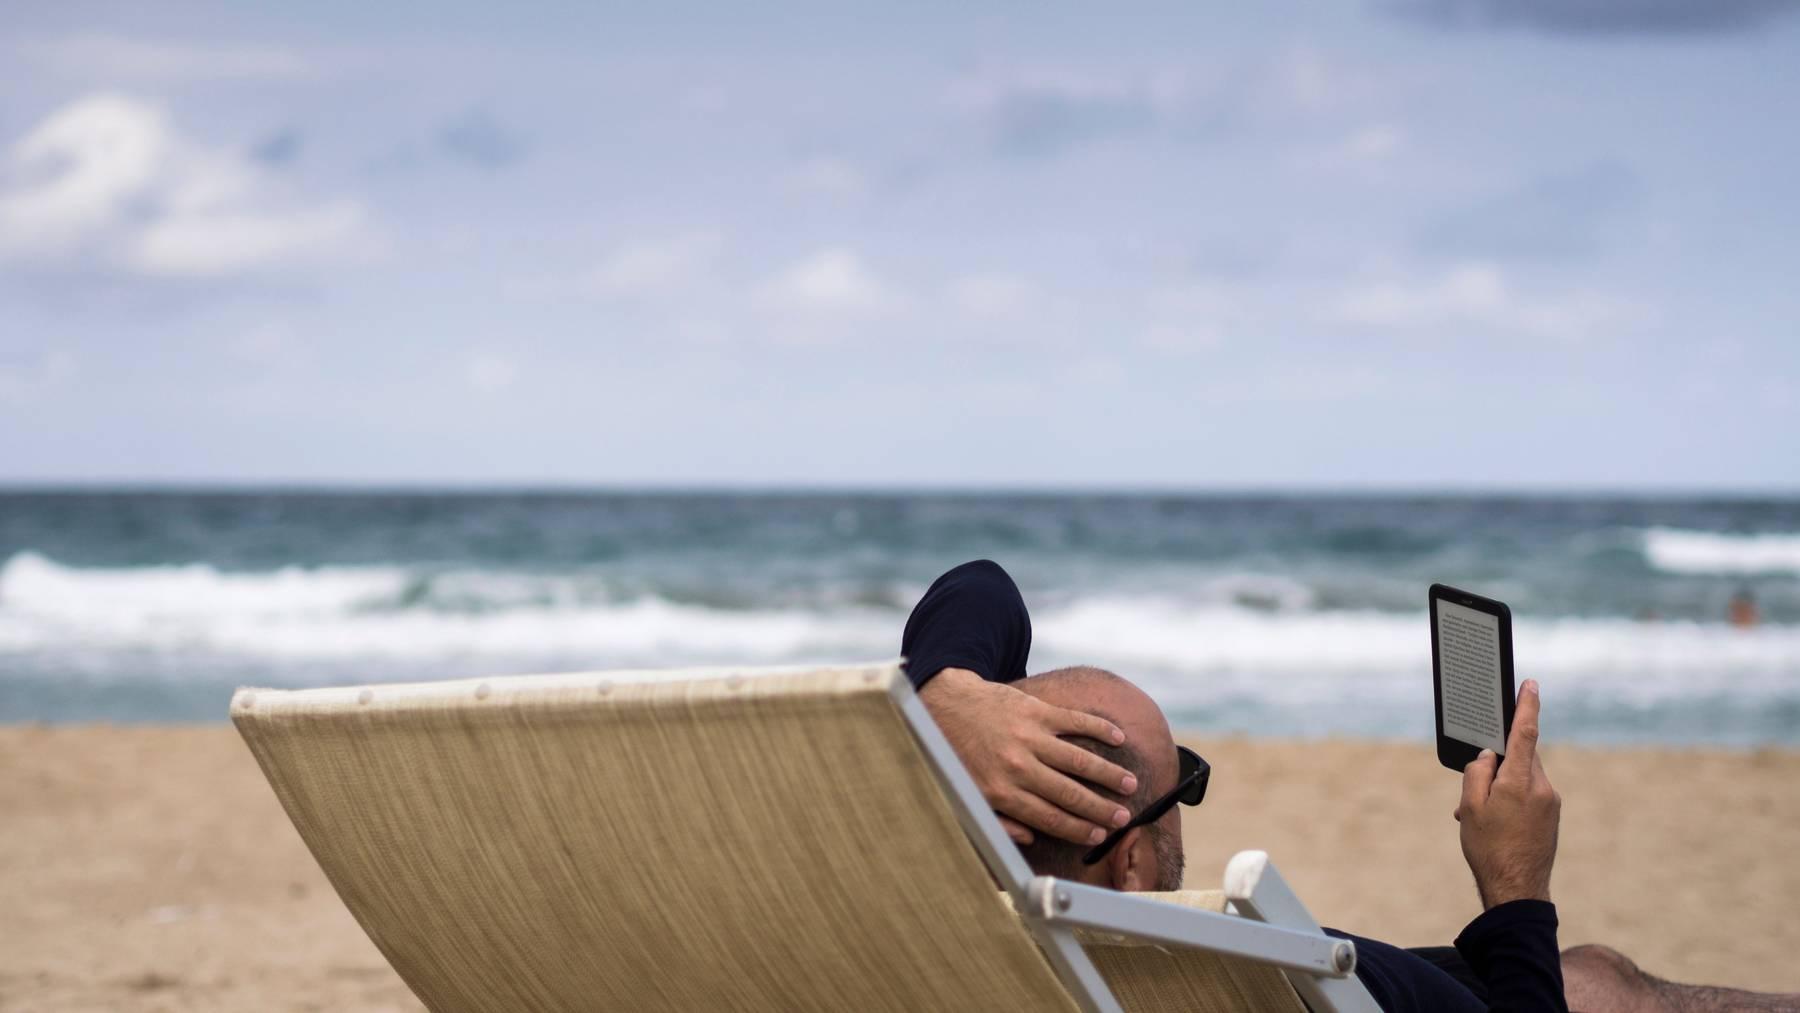 Wer Italienferien gebucht hat, erhält ohne Reisewarnung kein Geld zurück. Eine Chance gibt es für diejenigen, die über ein Reisebüro gebucht haben.